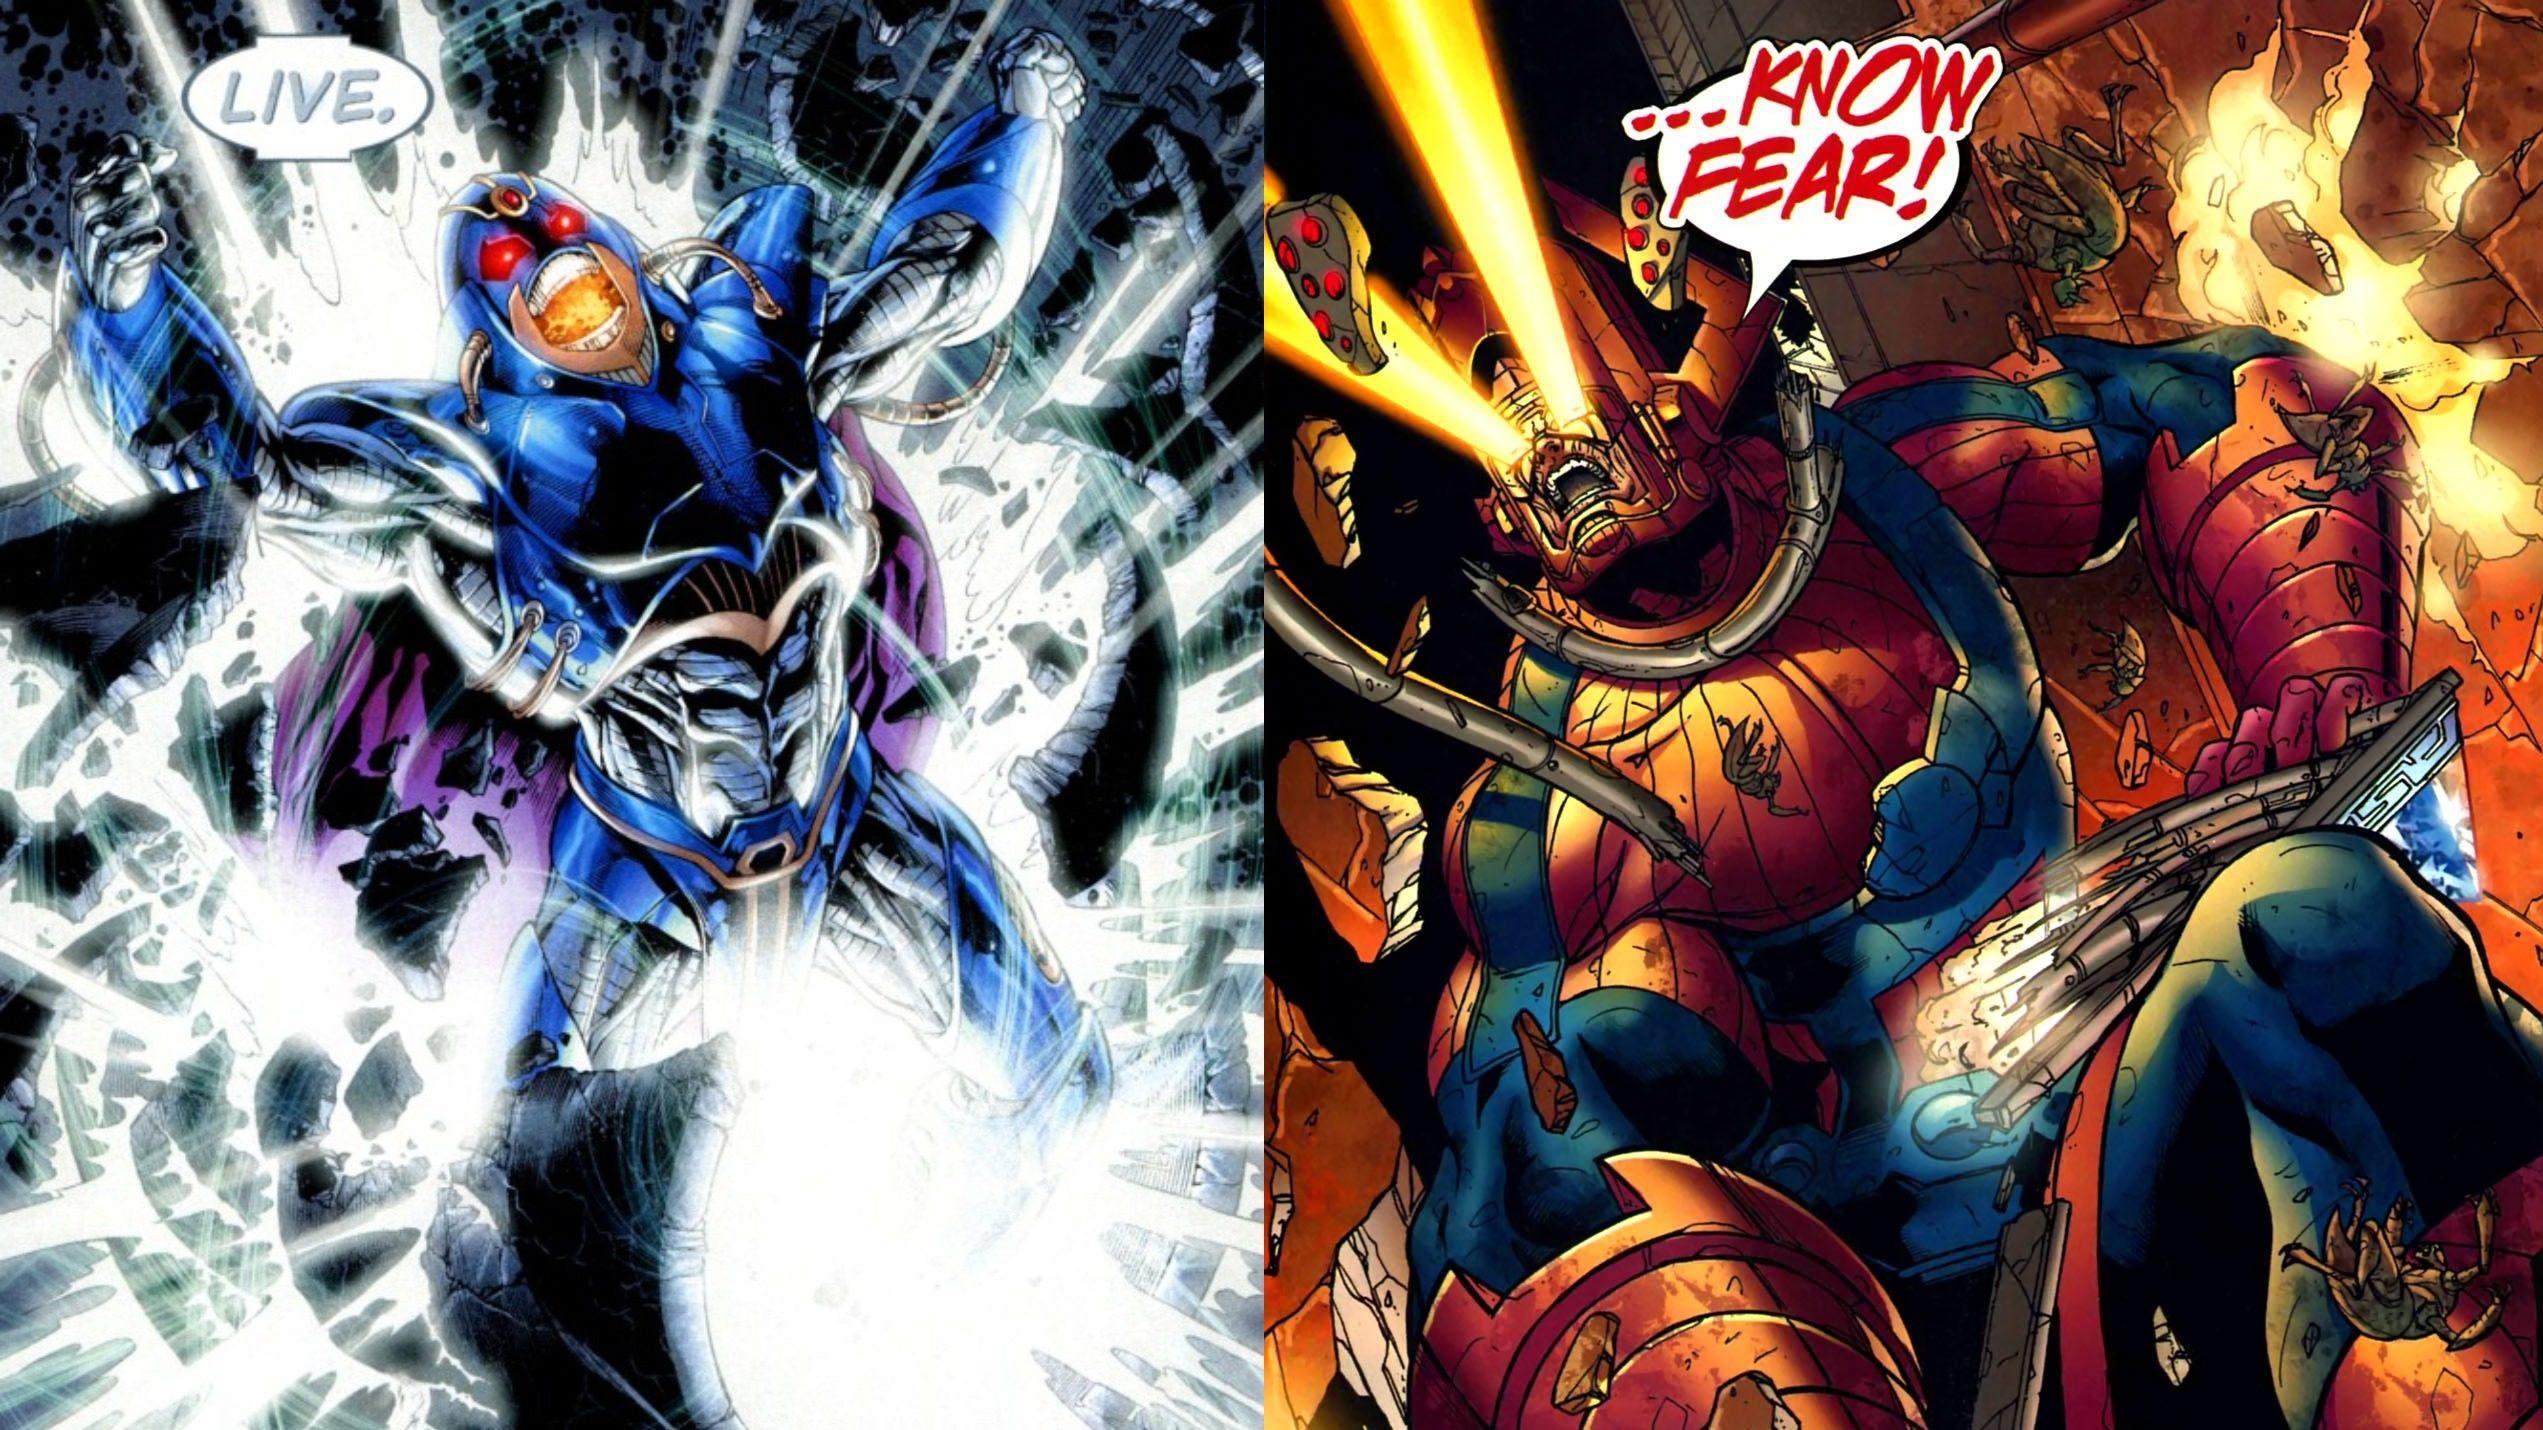 The Anti-Monitor & Galactus